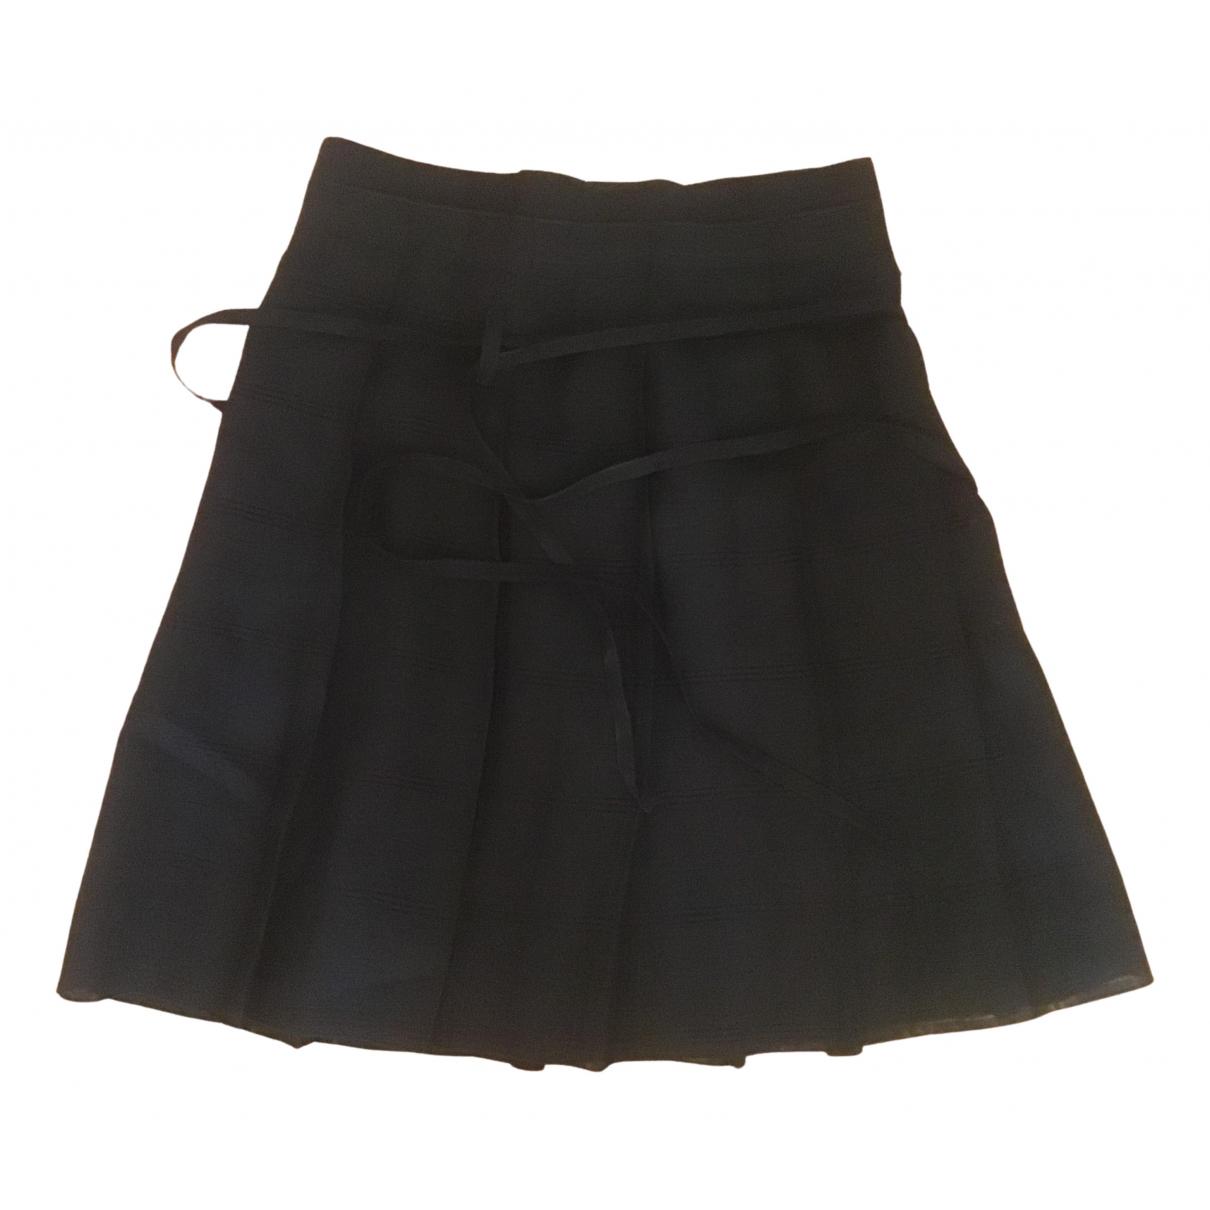 Burberry \N Navy Linen skirt for Women 6 UK